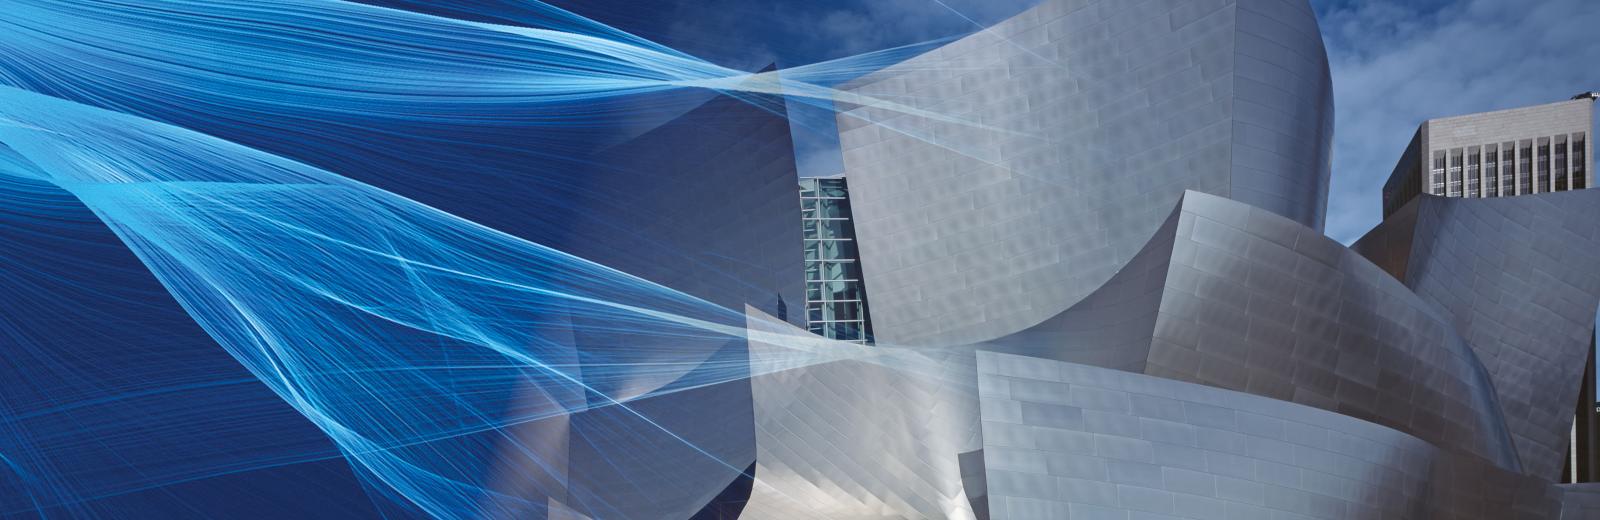 autengine - blickpunkt architektur